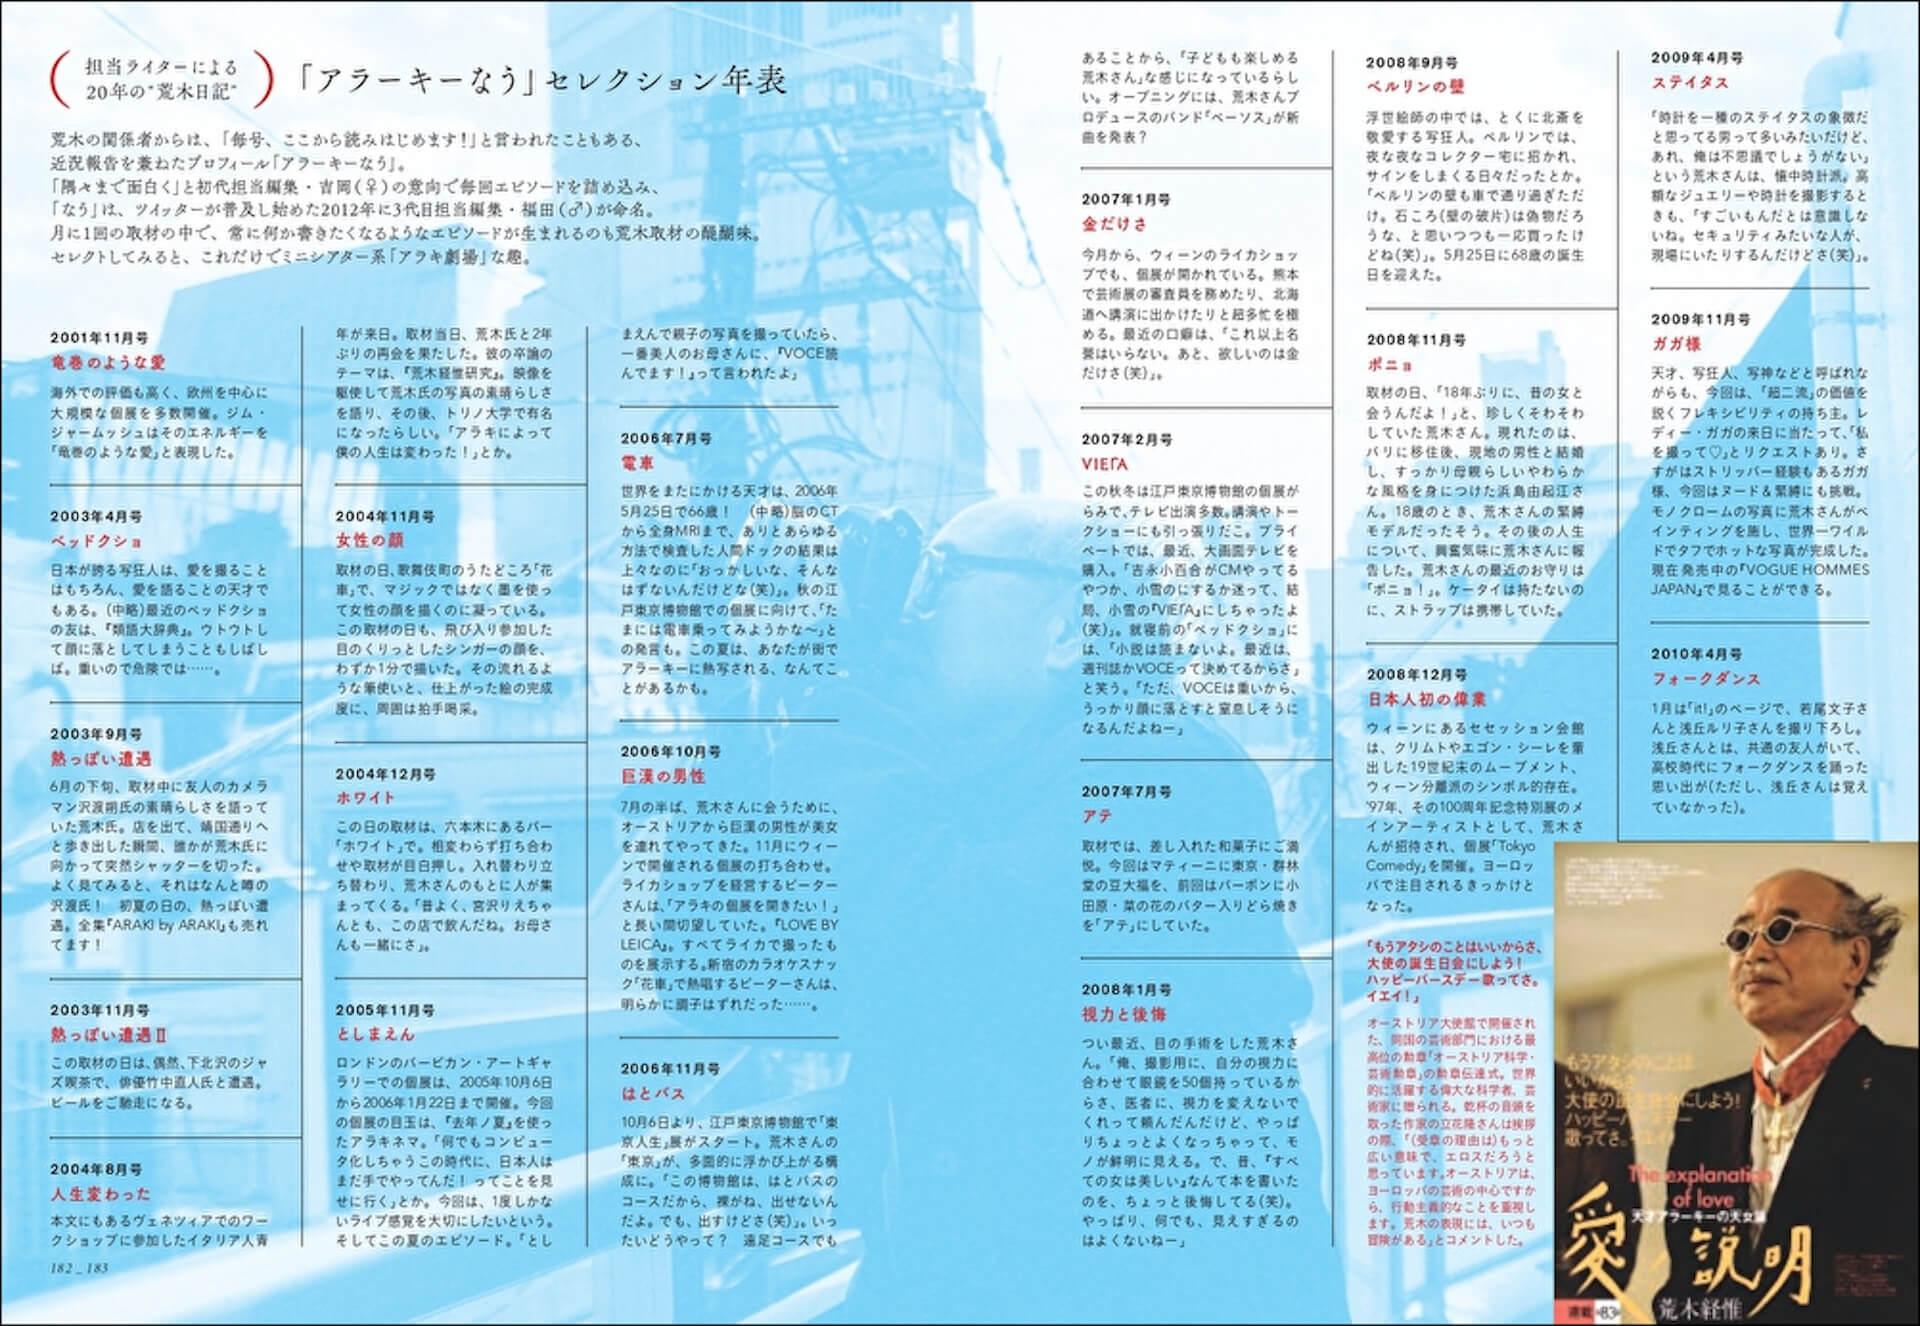 """""""アラーキー""""こと写真家・荒木経惟の20年間の名言と生涯の名作を集めた保存版「写真言集」が81歳の誕生日に発売! art210525_nobuyoshi-araki-210525_5"""